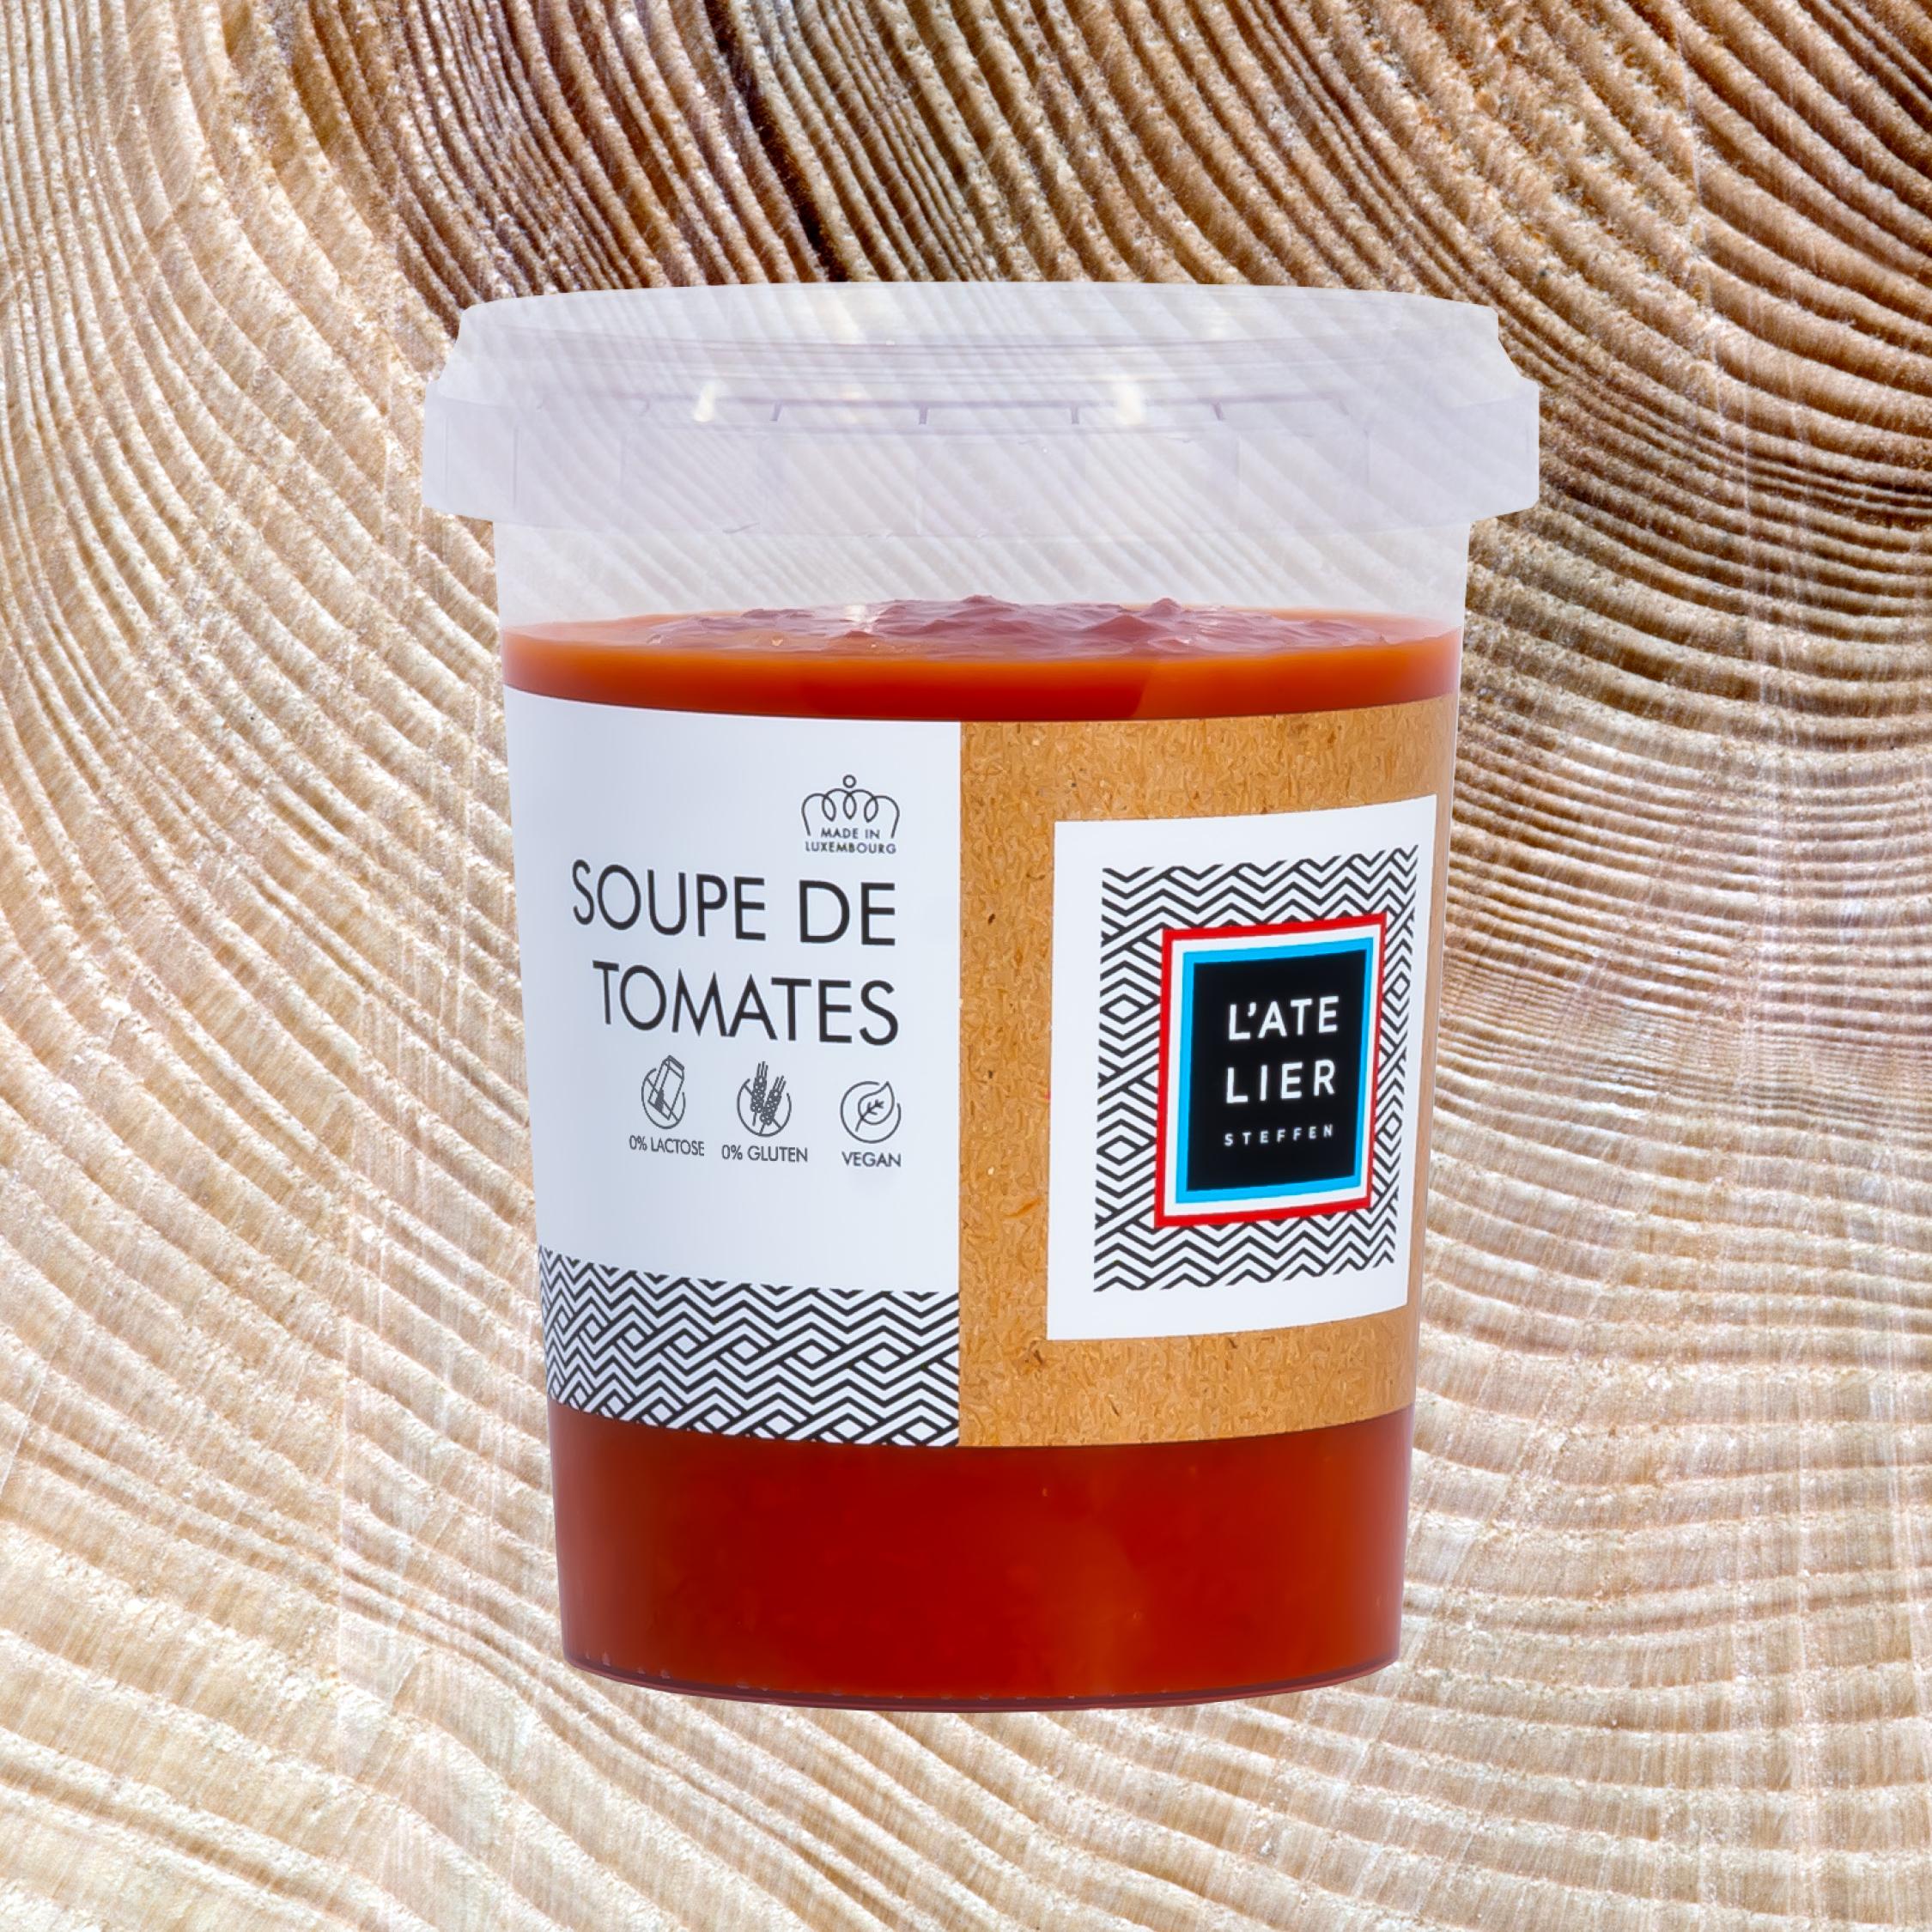 Soupe de tomates